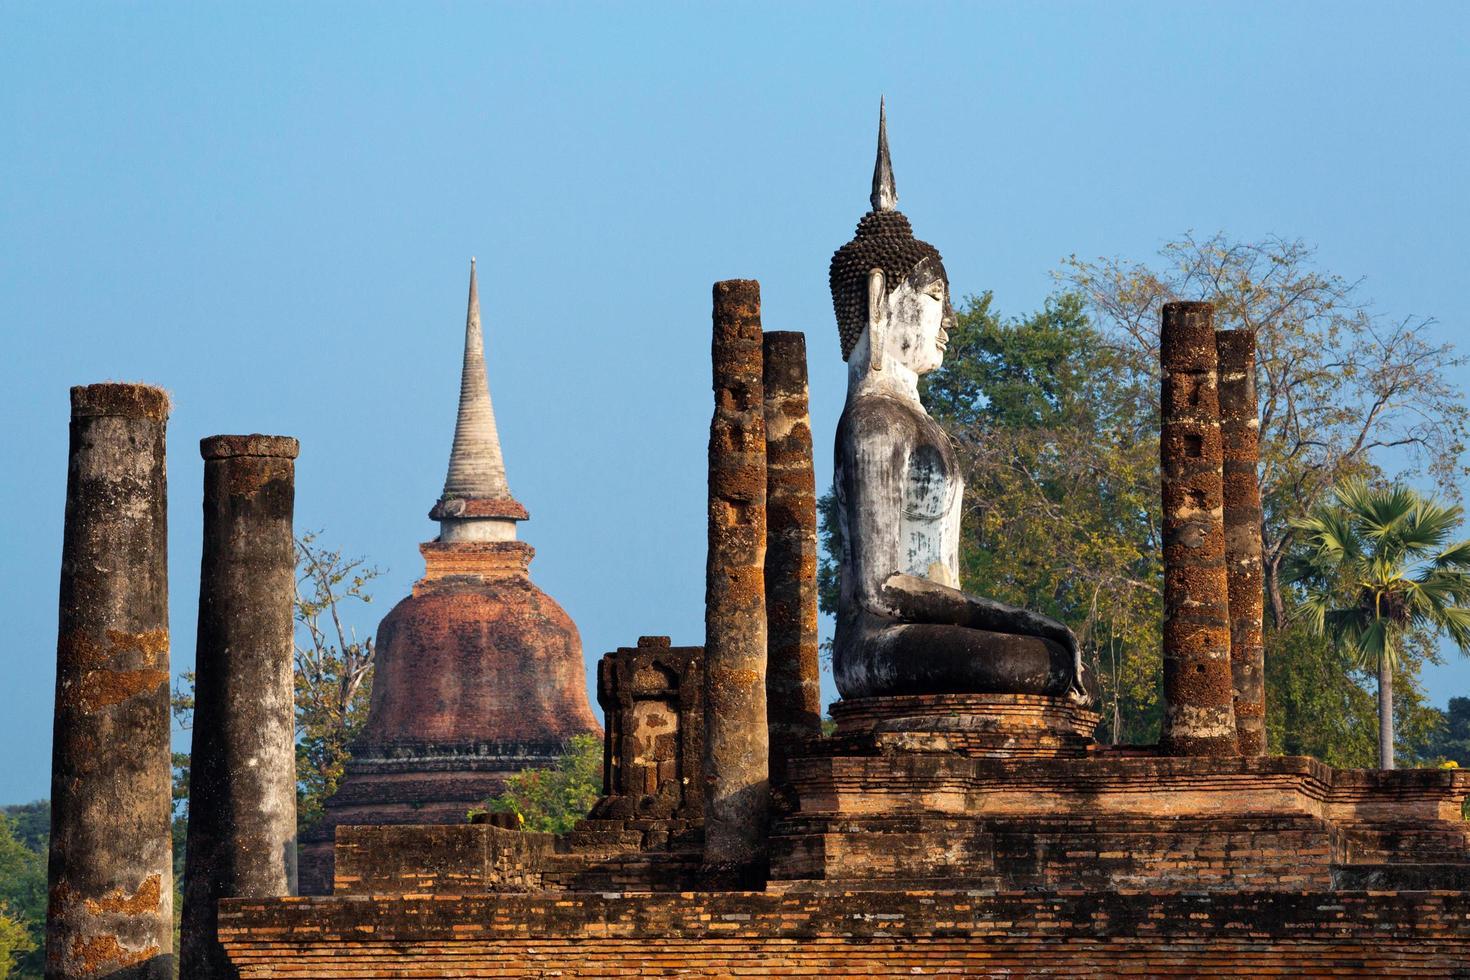 sukhothai historiska park, thailand, världsarvslista, UNESCO. foto